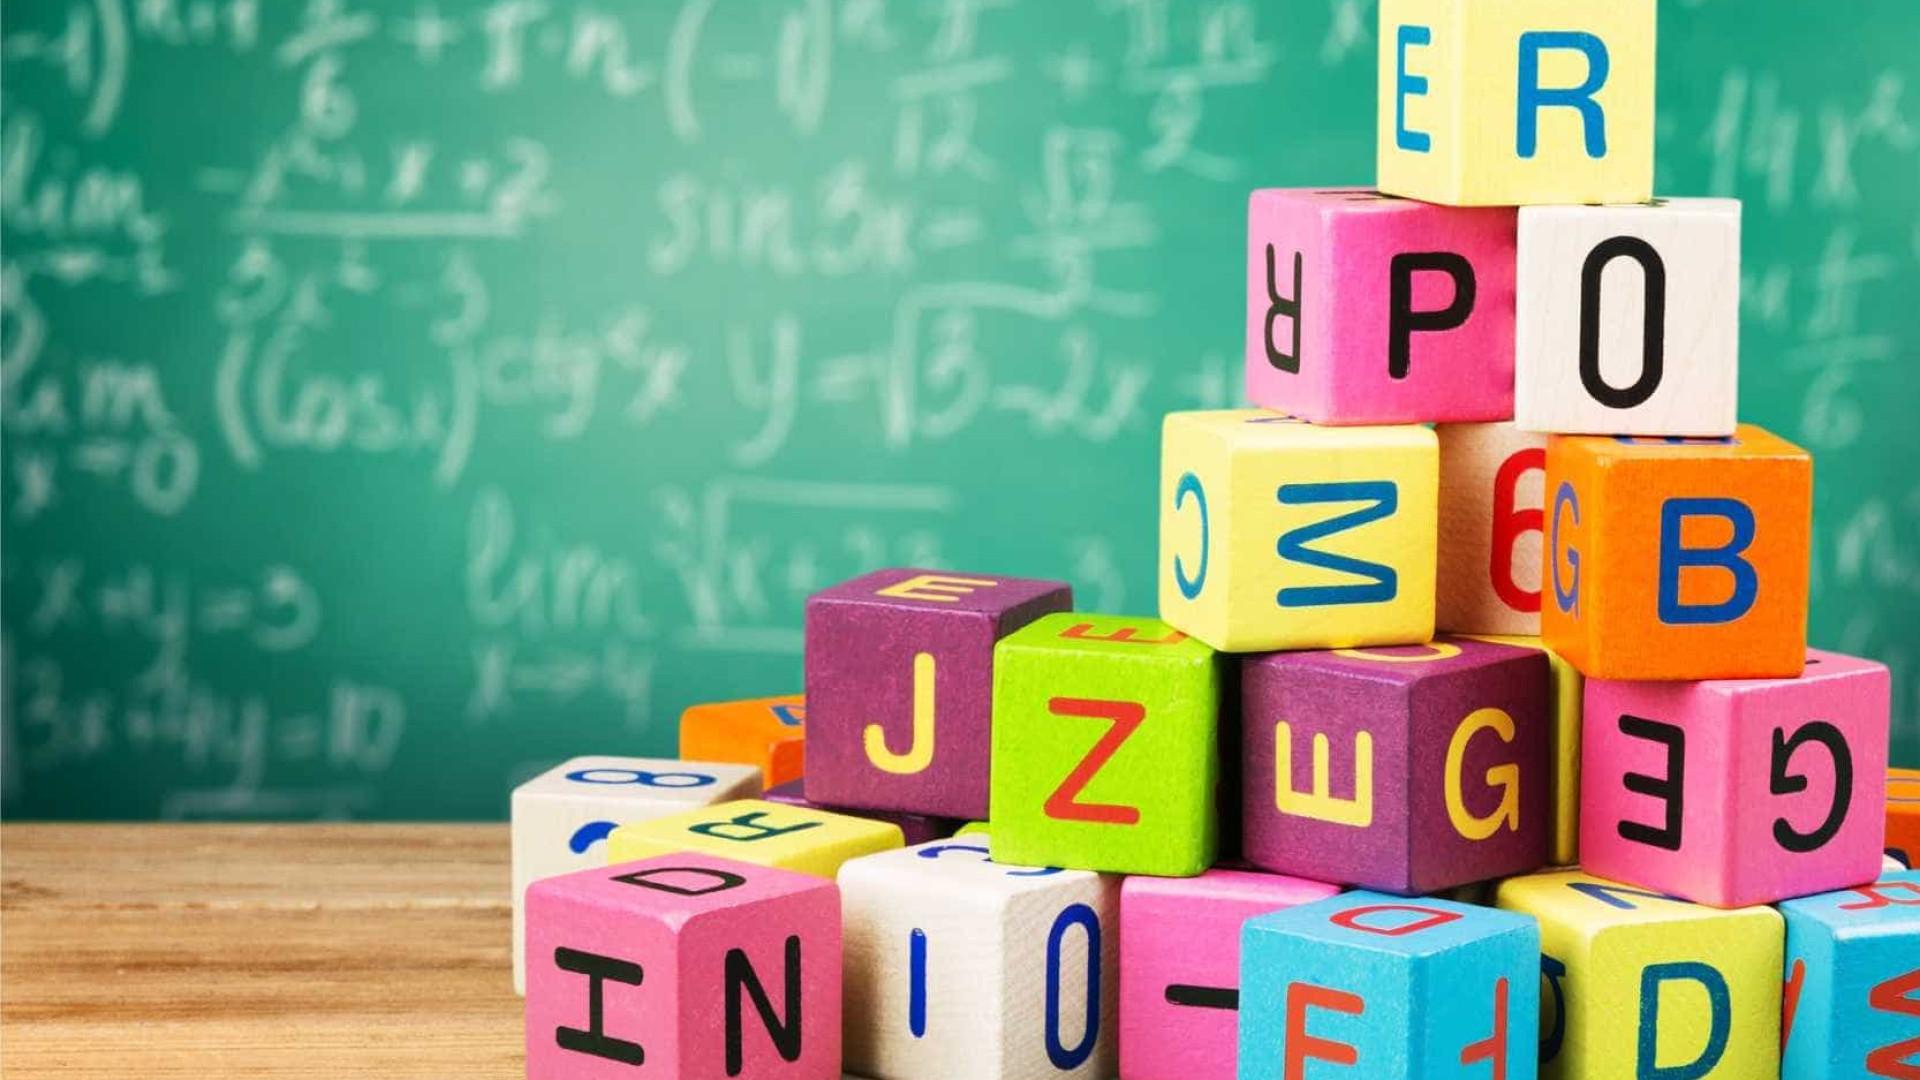 Creche gratuita para crianças de famílias até 2.º escalão de rendimentos